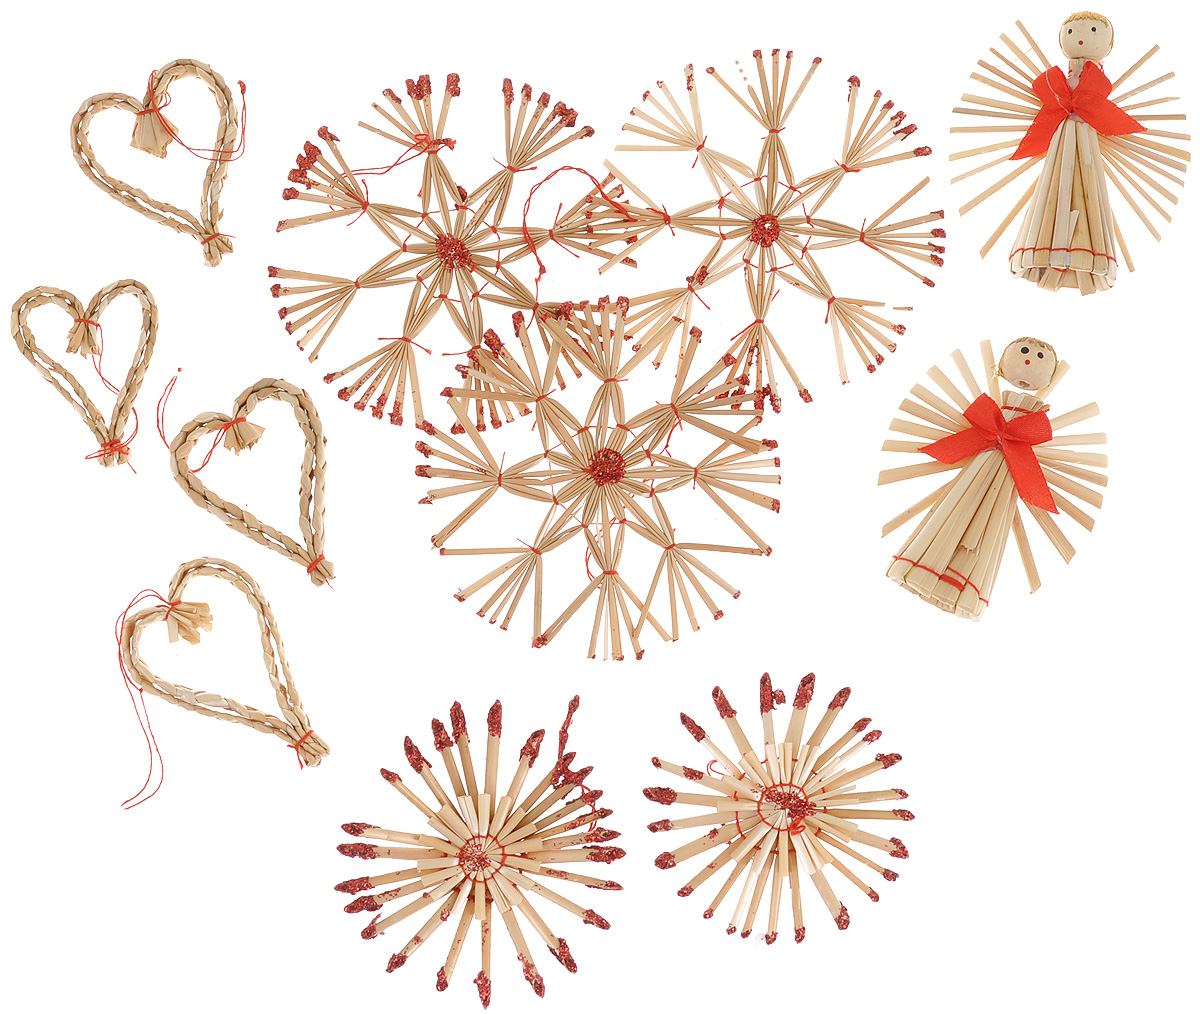 Набор новогодних подвесных украшений Феникс-презент Сердца и звезды, цвет: красный, светло-коричневый, 11 шт38577Набор Феникс-презент Сердца и звезды, состоящий из 11 новогодних подвесных украшений, отлично подойдет для декорации вашего дома и новогодней ели. Изделиявыполнены из соломы в виде сердечек, звезд и ангелочков, оформленных блестками и текстильными бантиками. Украшения имеют специальные петельки для подвешивания. Коллекция декоративных украшений Феникс-презент Сердца и звезды принесет в ваш дом ни с чем не сравнимое ощущение праздника!Средний размер украшения: 8 см х 6,5 см.